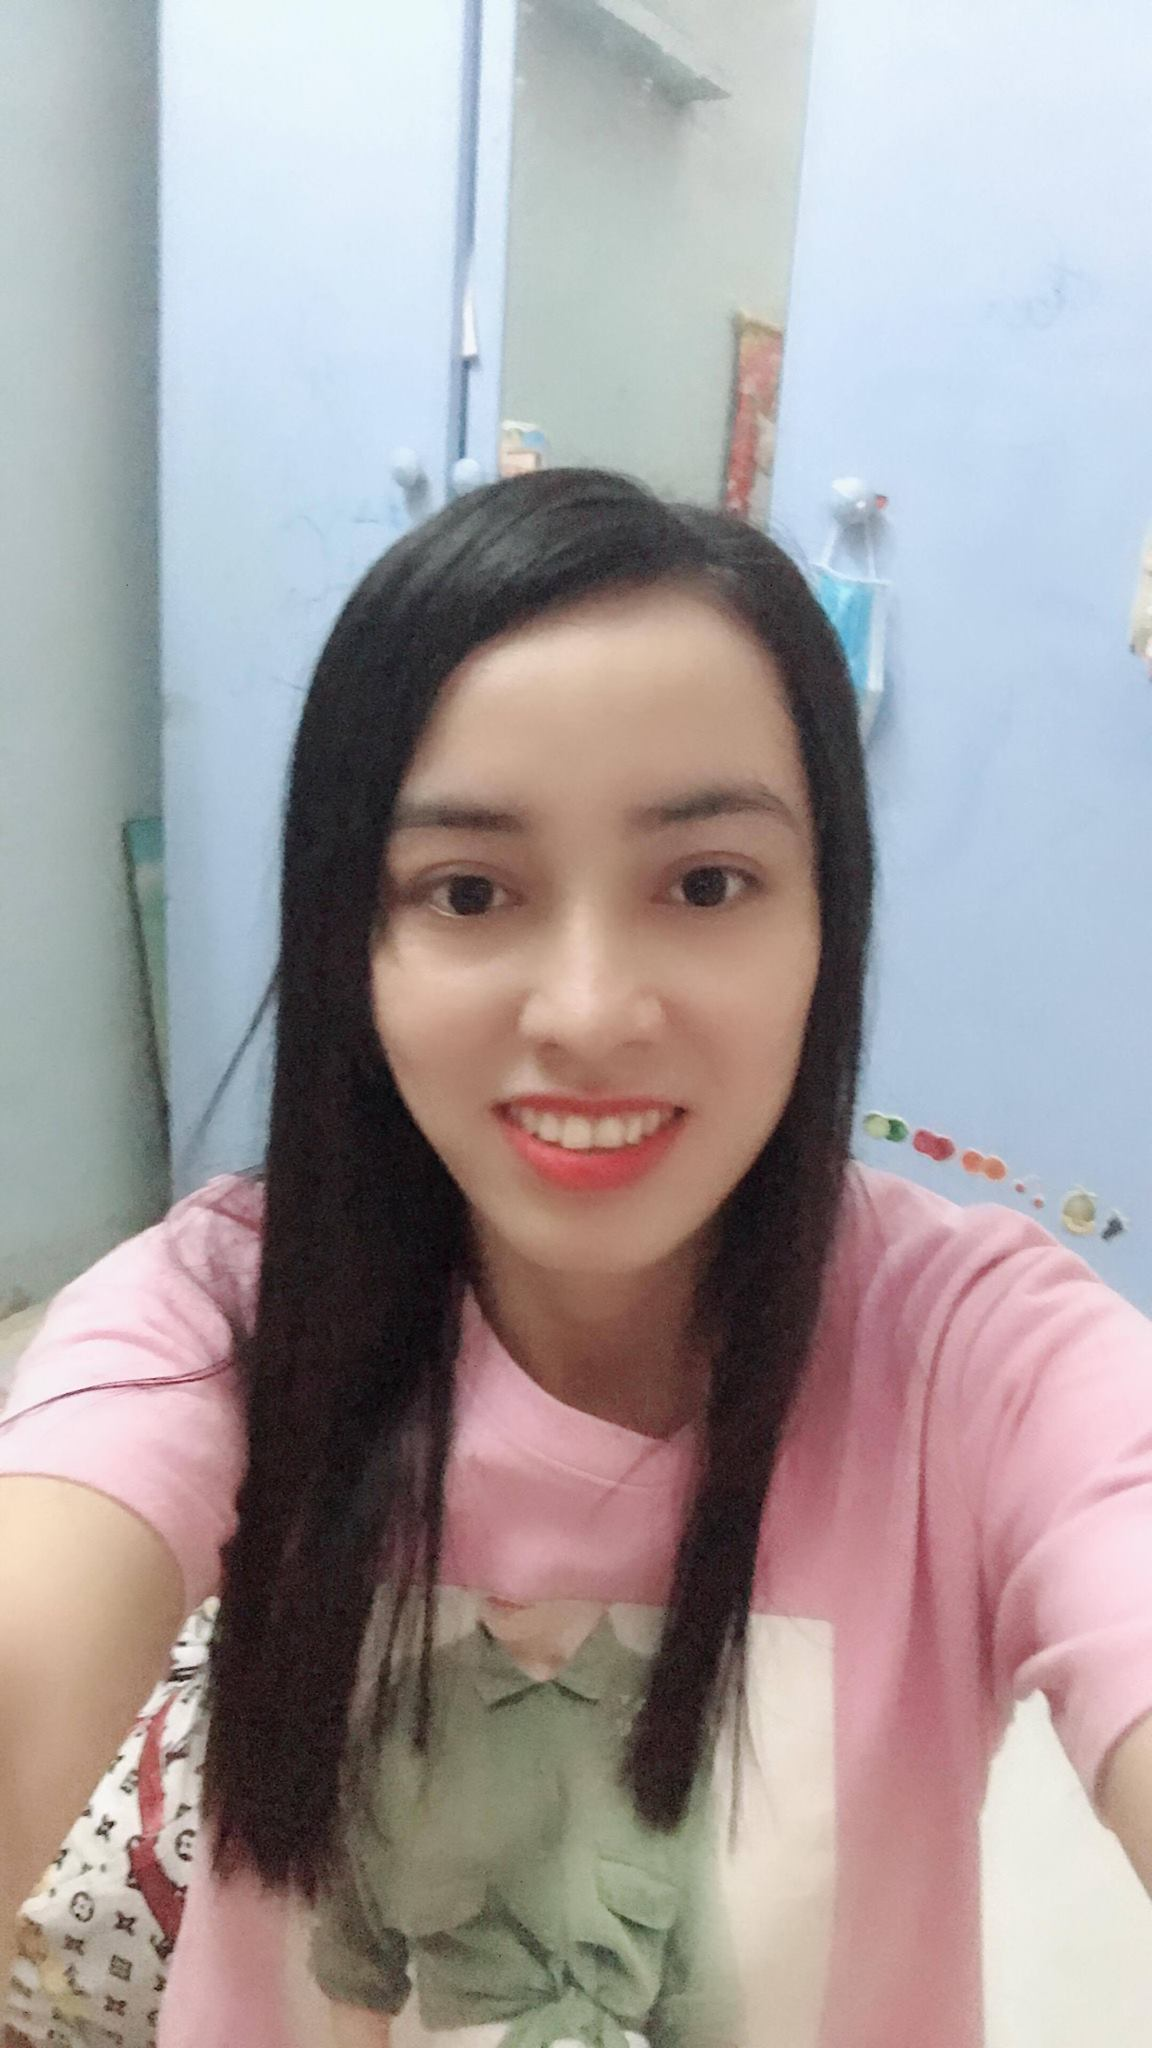 Phạm Hoàng Trang